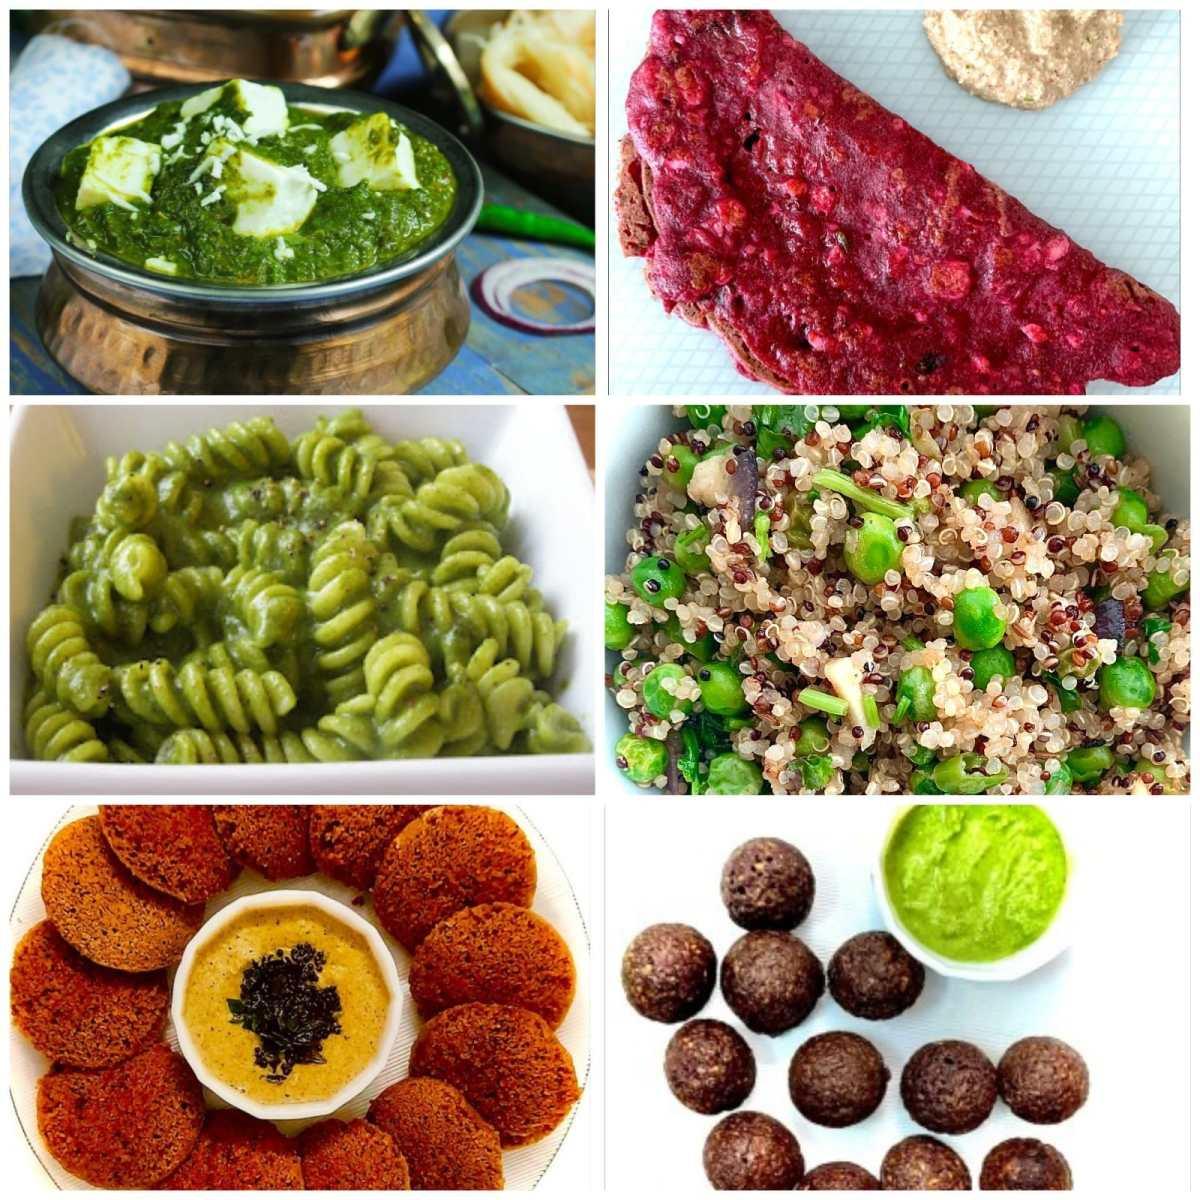 Foods iron